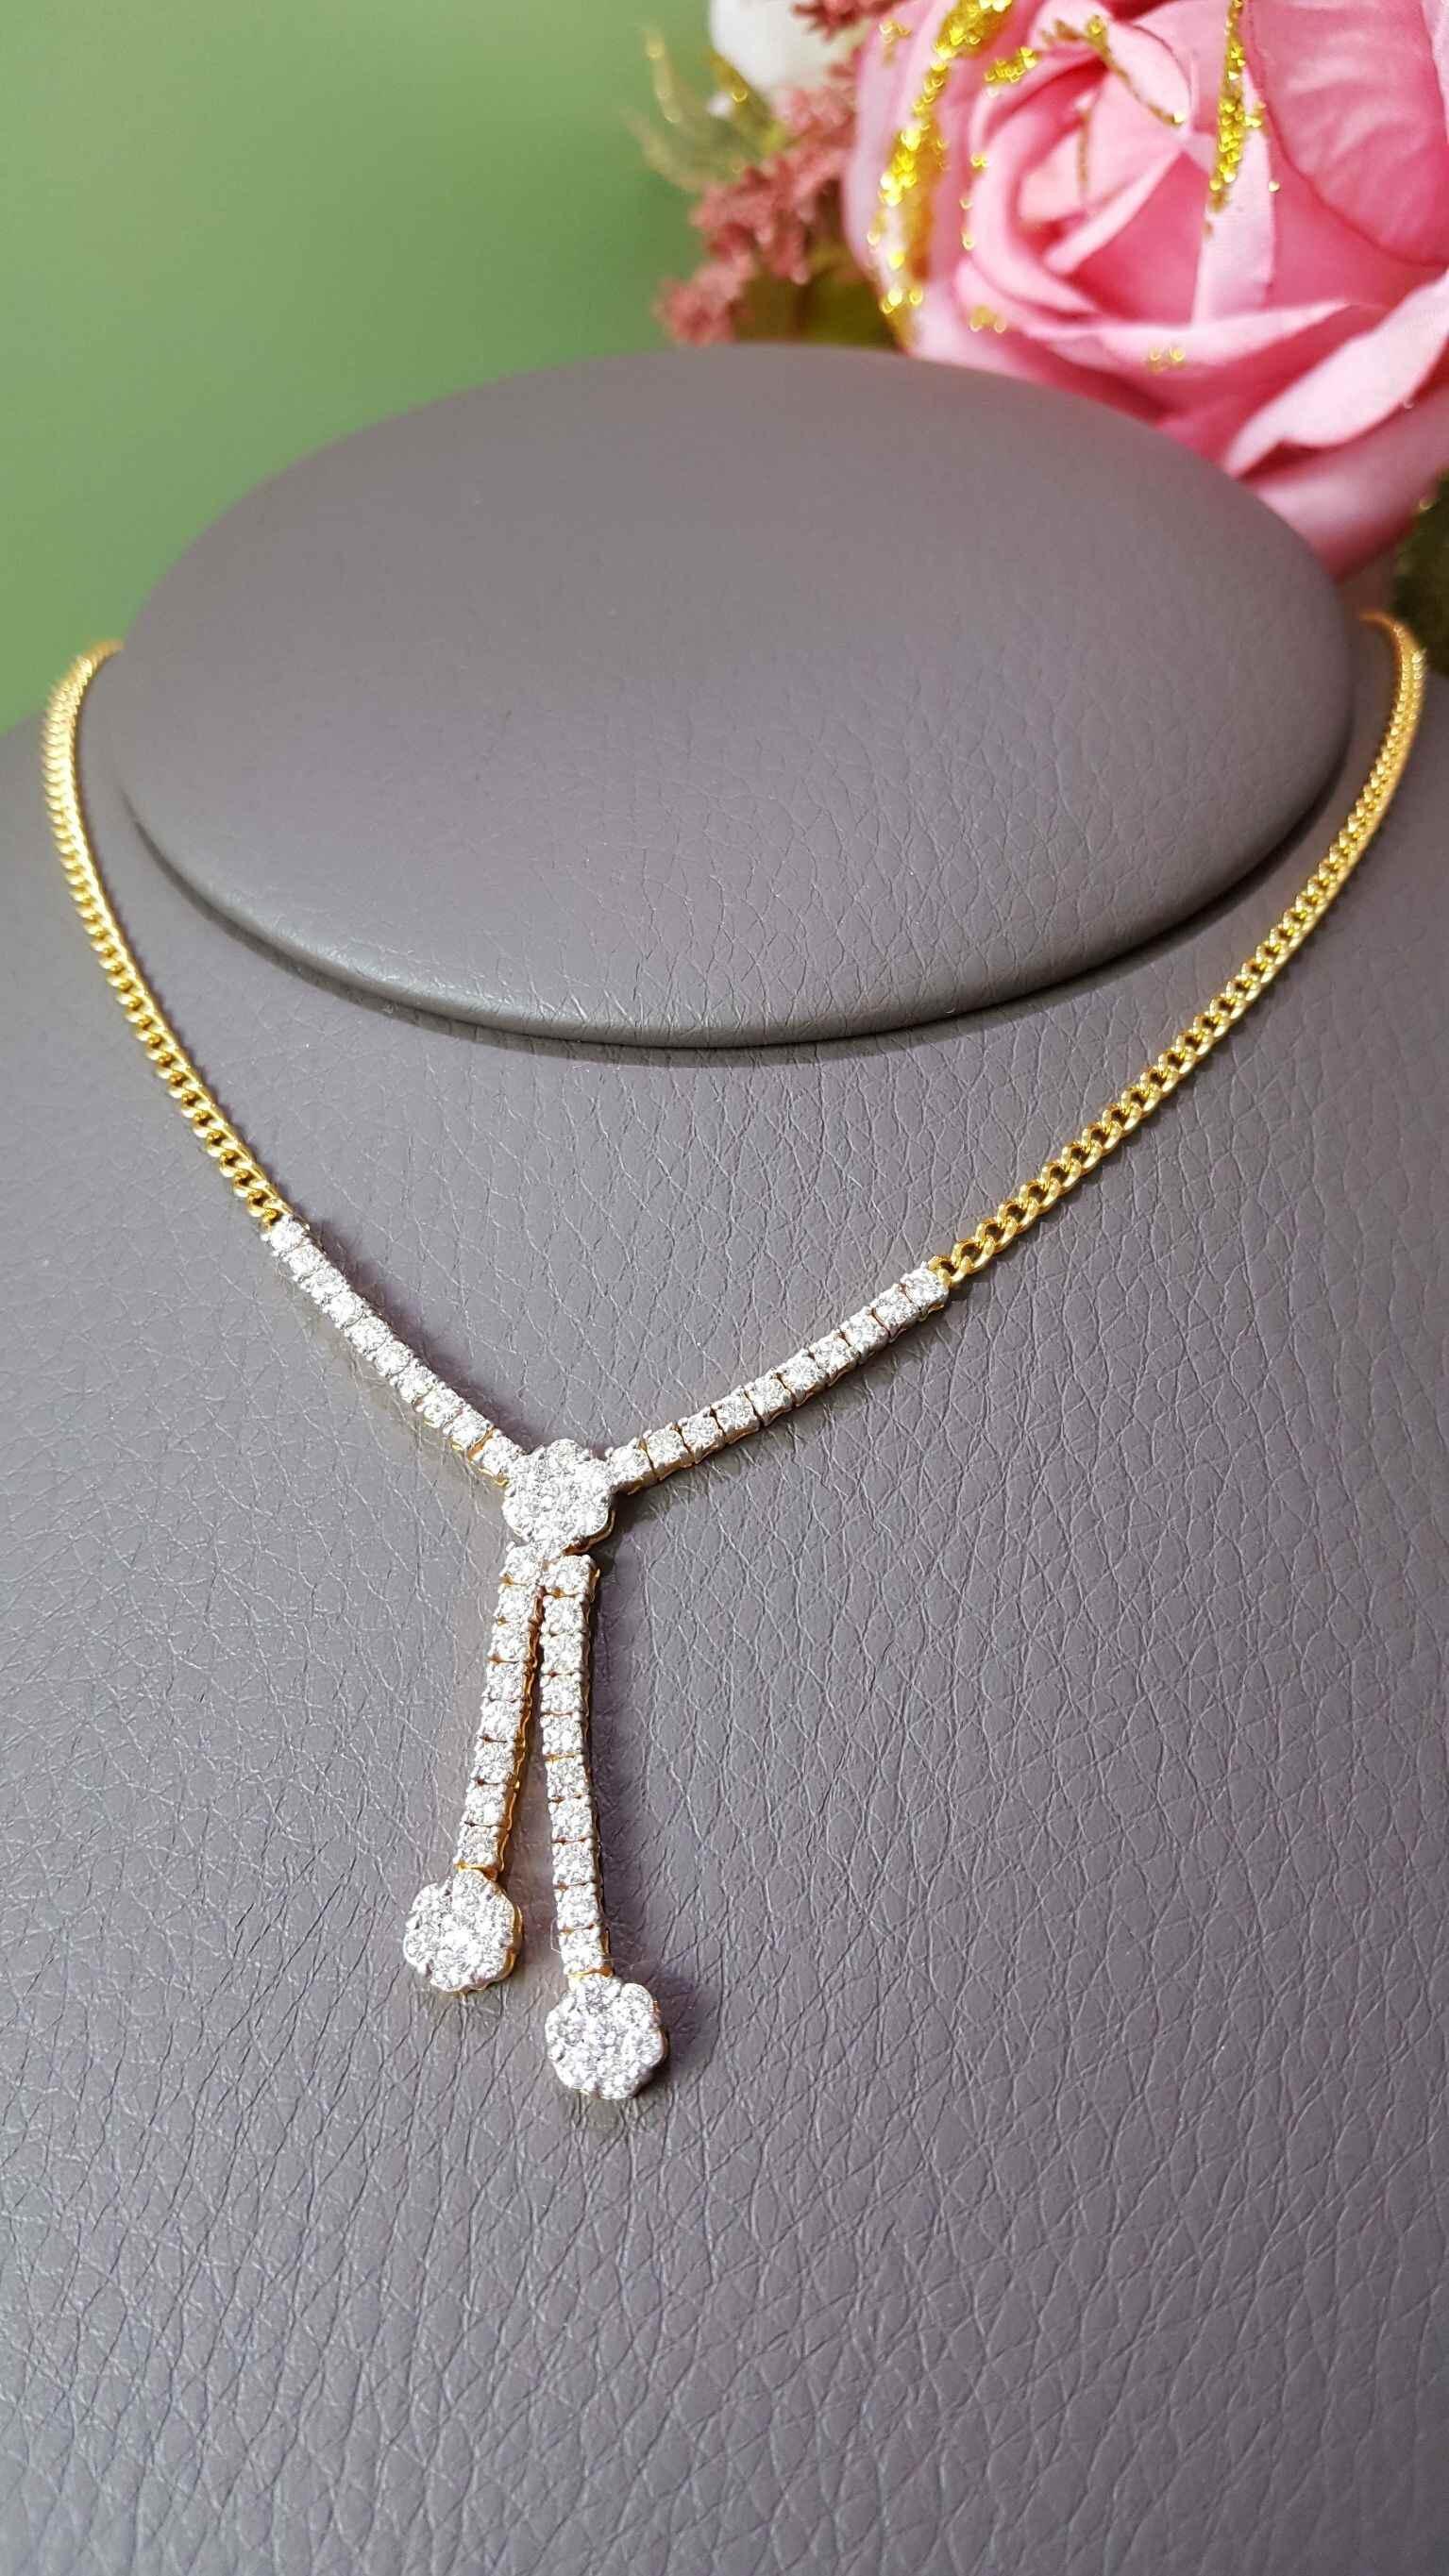 สร้อยคอเพชร V-diamond